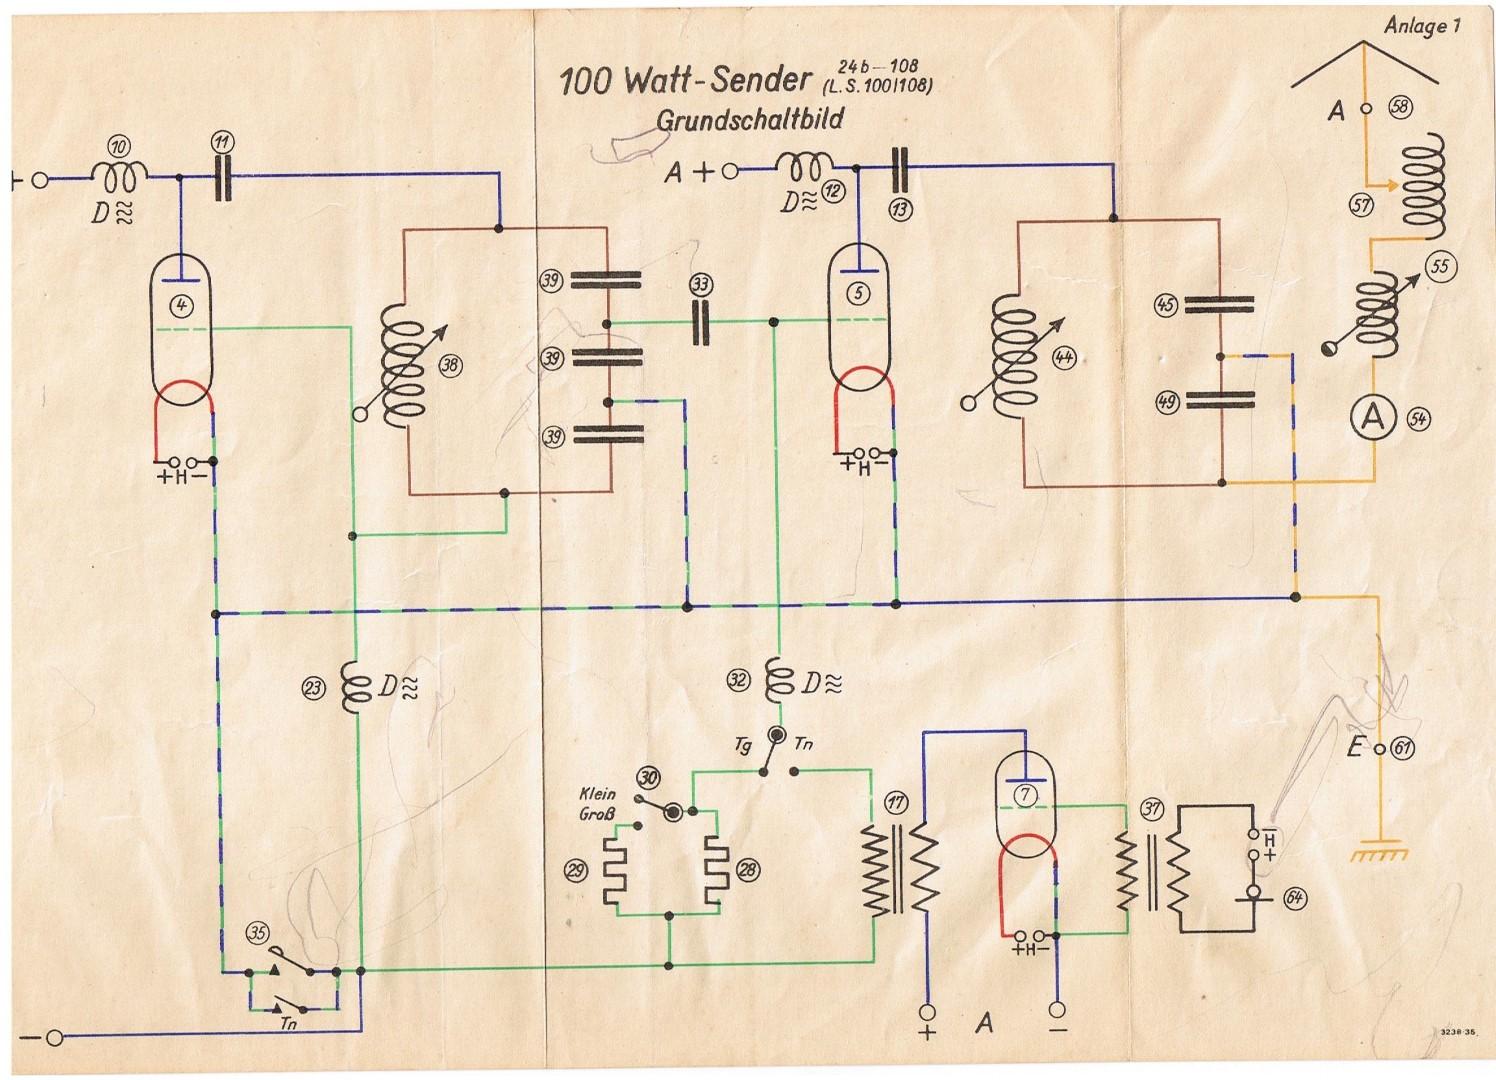 100 Watt Sender (LS 100/108) - Schaltbilder (Grund-, Telefonie ...